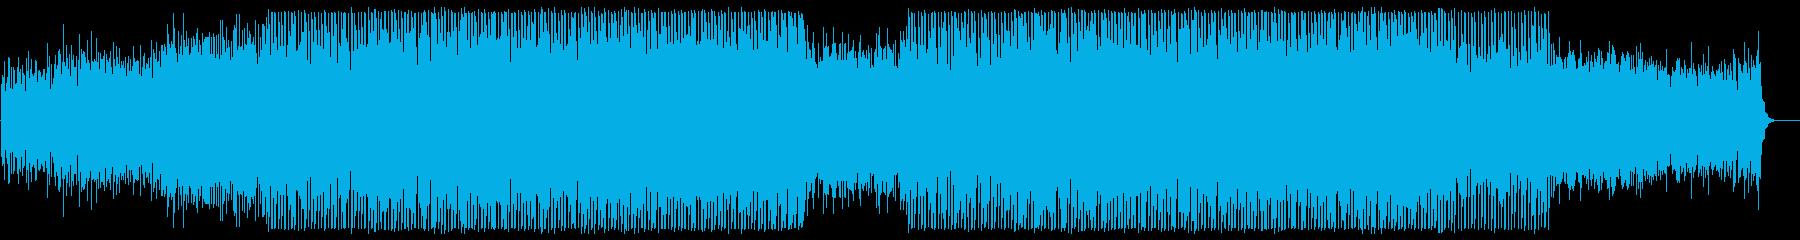 和やかなミディアムテンポのテクノポップの再生済みの波形